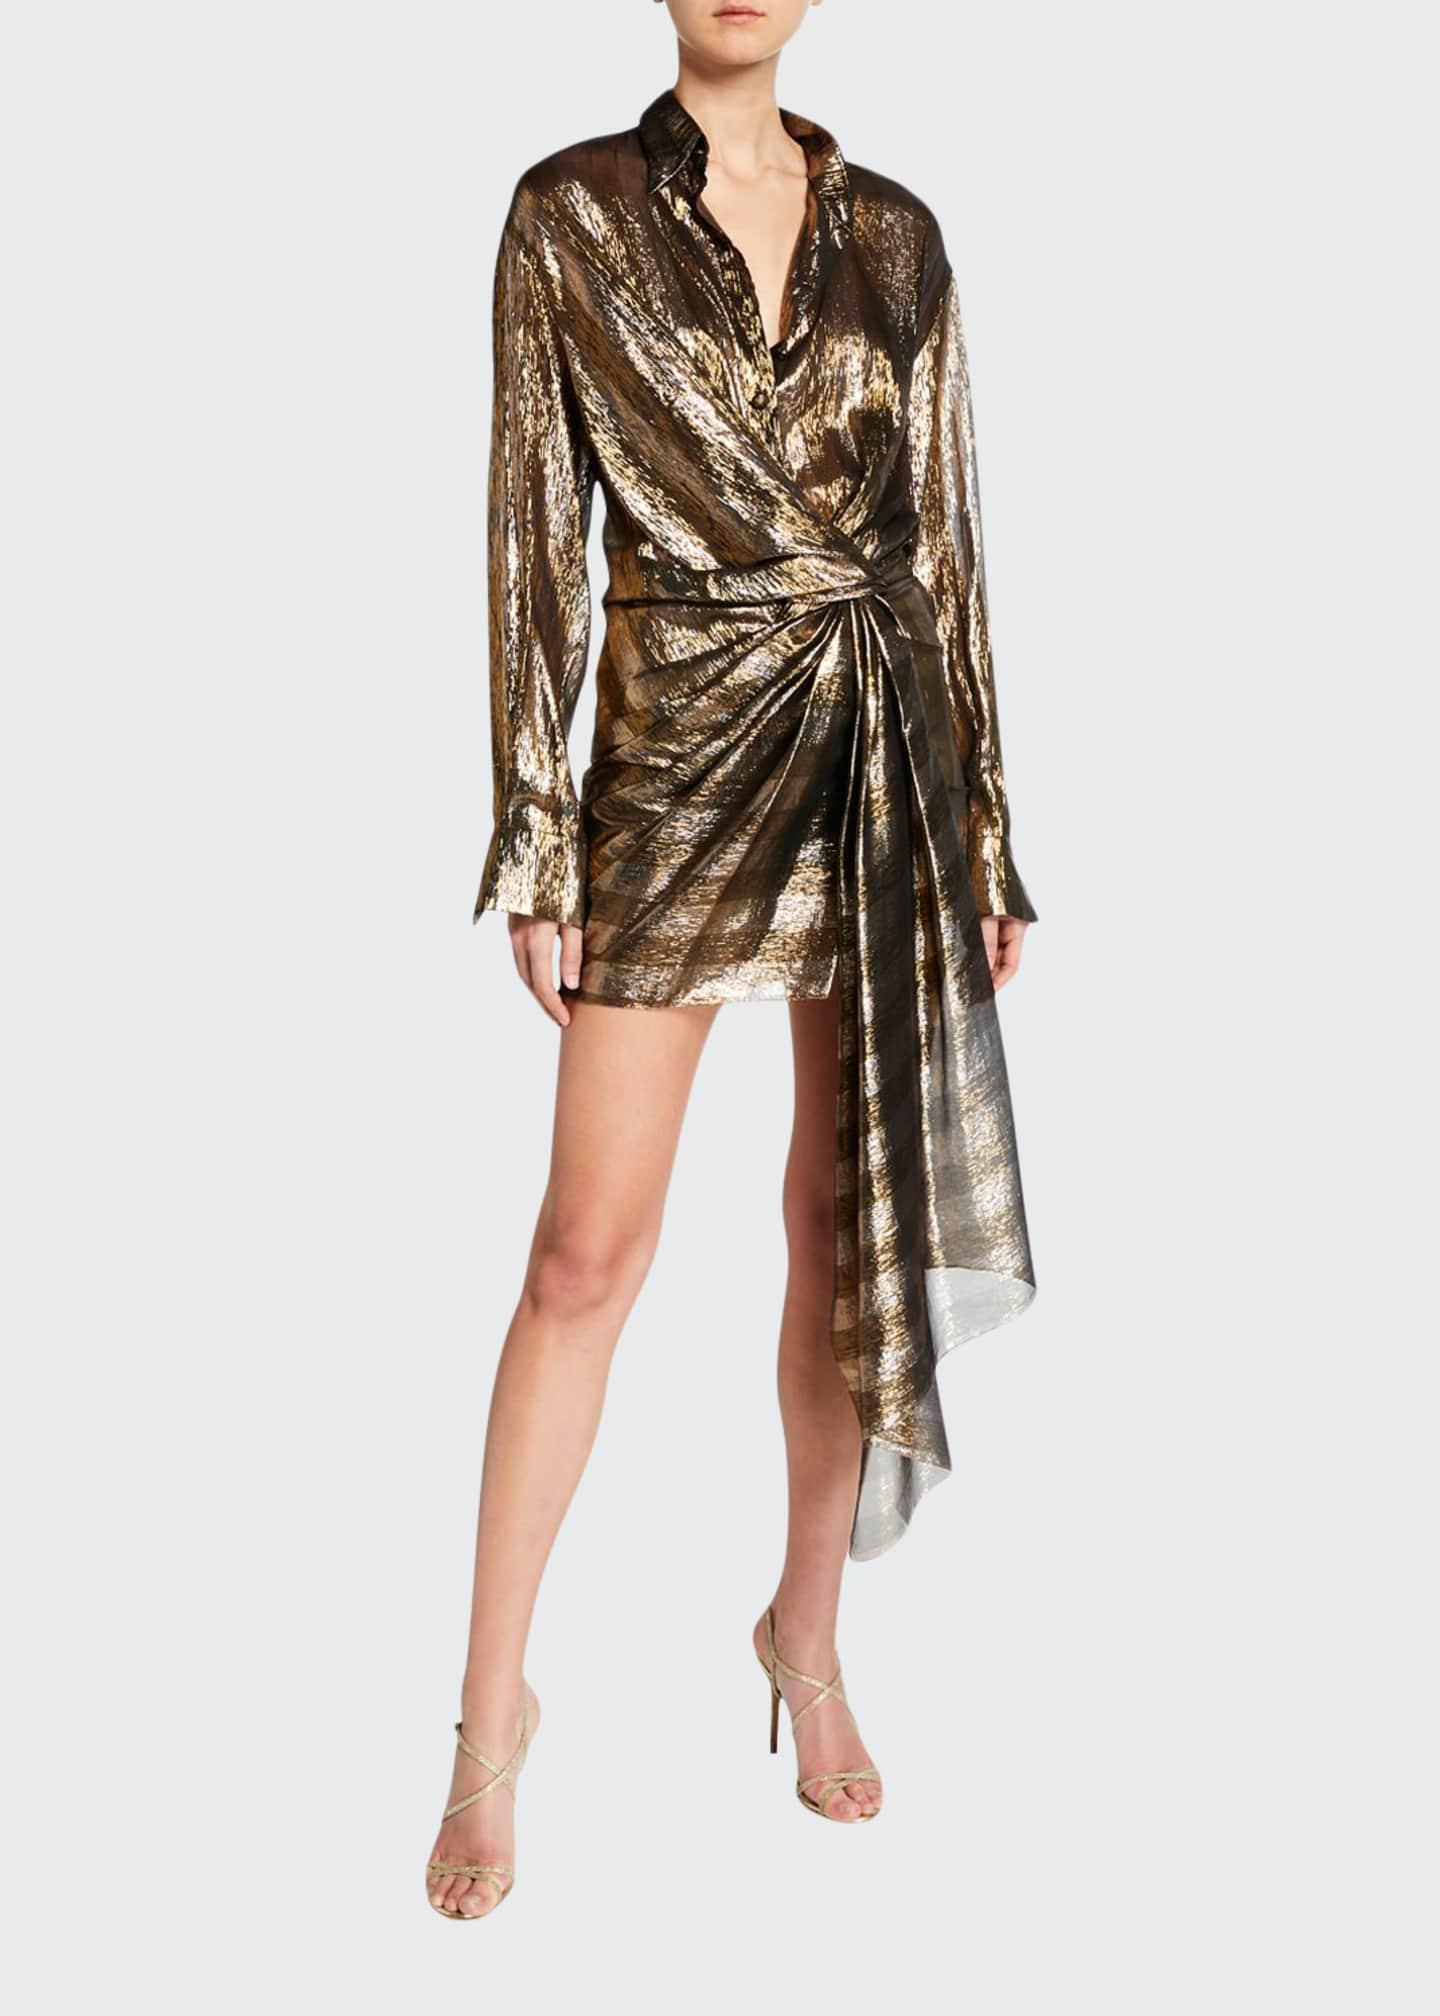 Oscar de la Renta Metallic-Striped Shirtdress